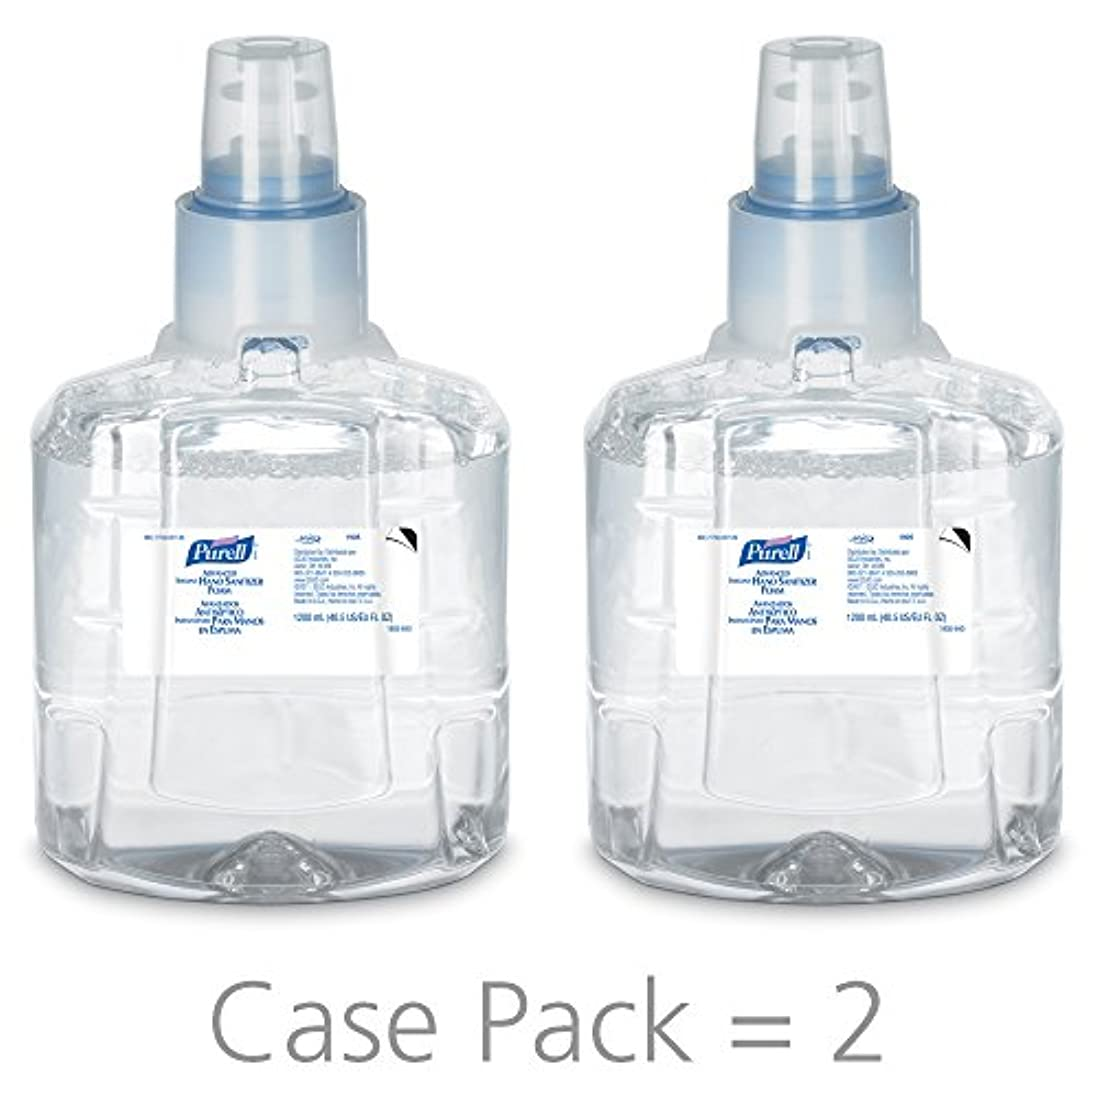 ジョガースタジオフックPURELL 1905-02 1200 mL Advanced Hand Sanitizer Foam, LTX-12 Refill (Pack of 2) by Purell